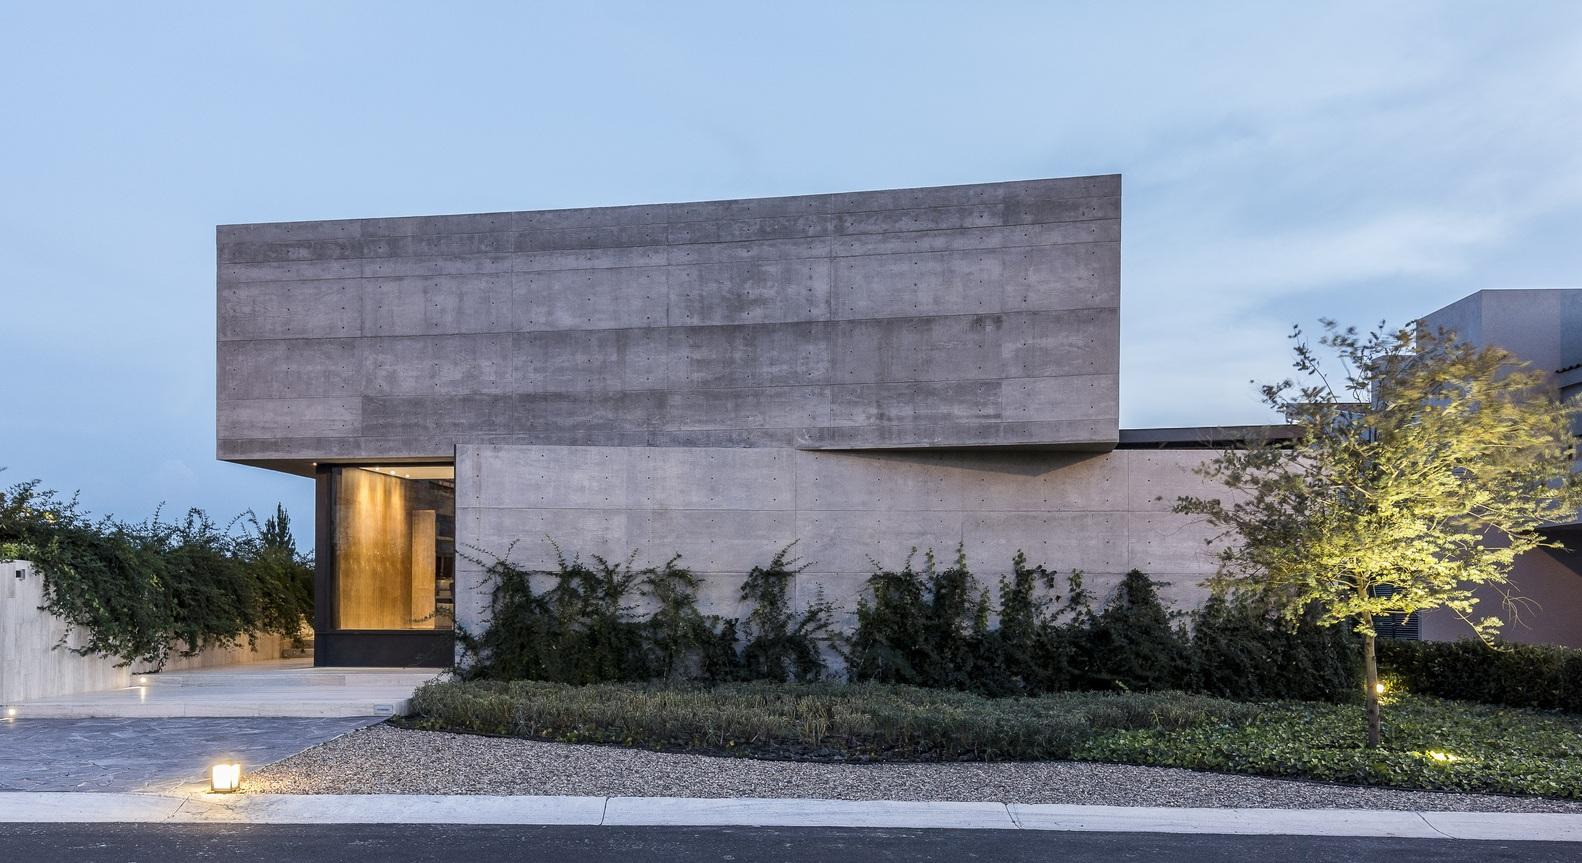 Architettura introversa in Messico